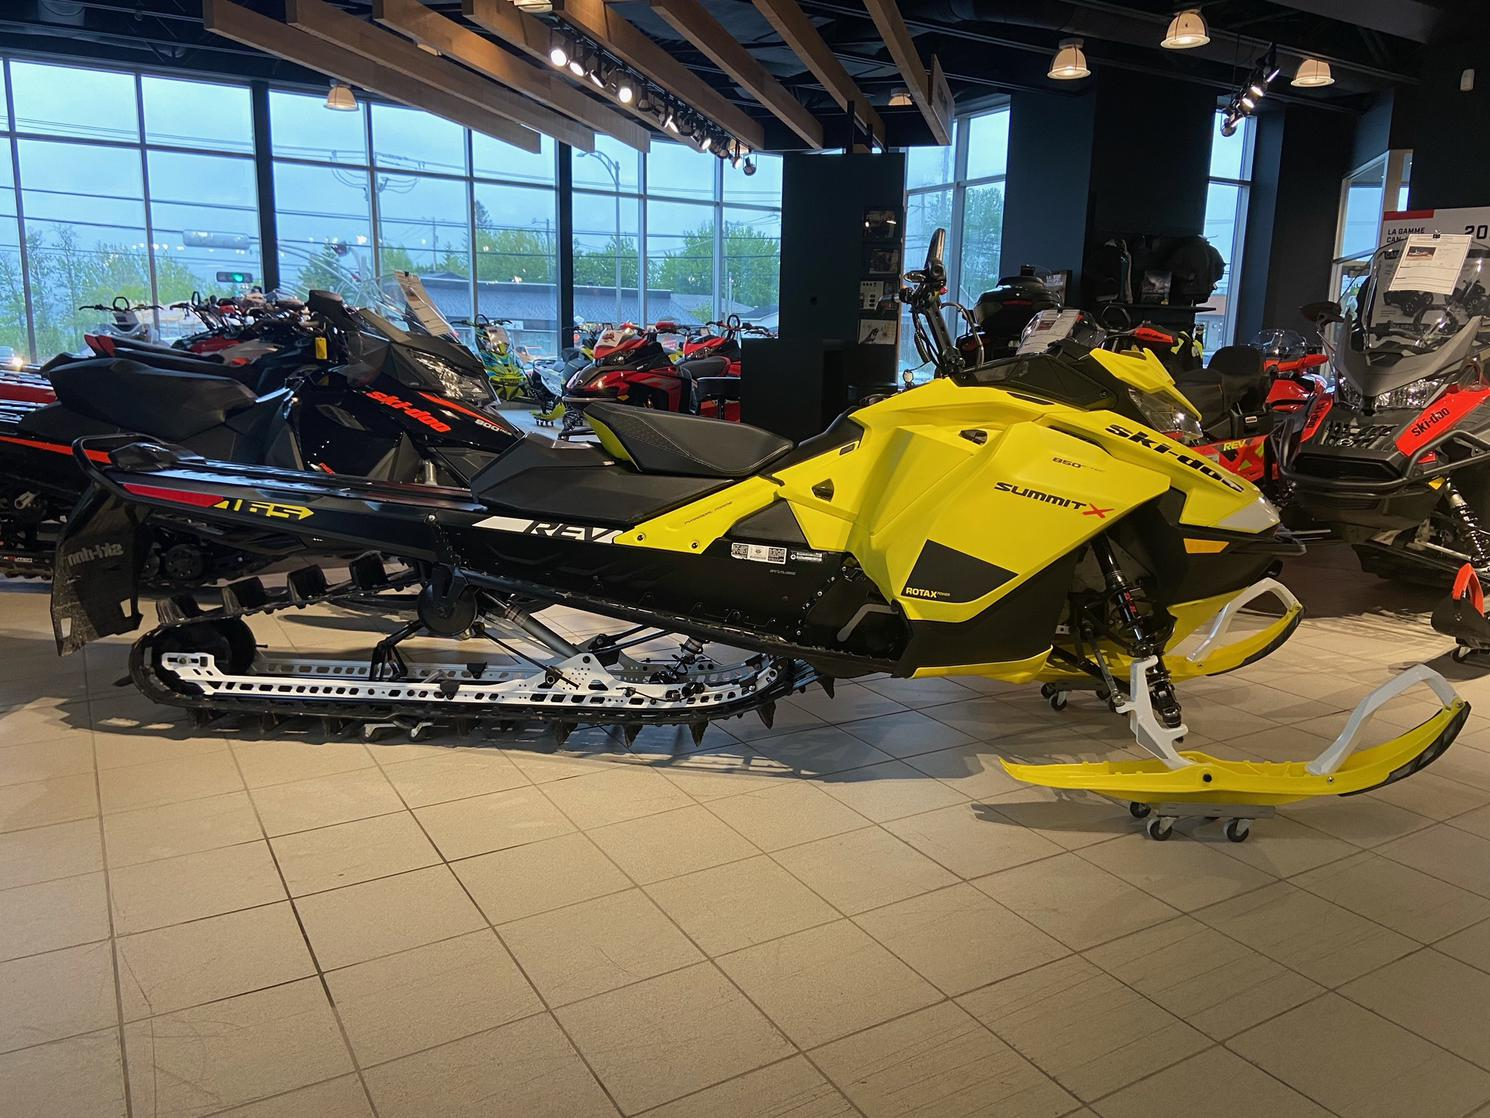 2020 Ski-Doo SUMMIT X 850 165 2.5